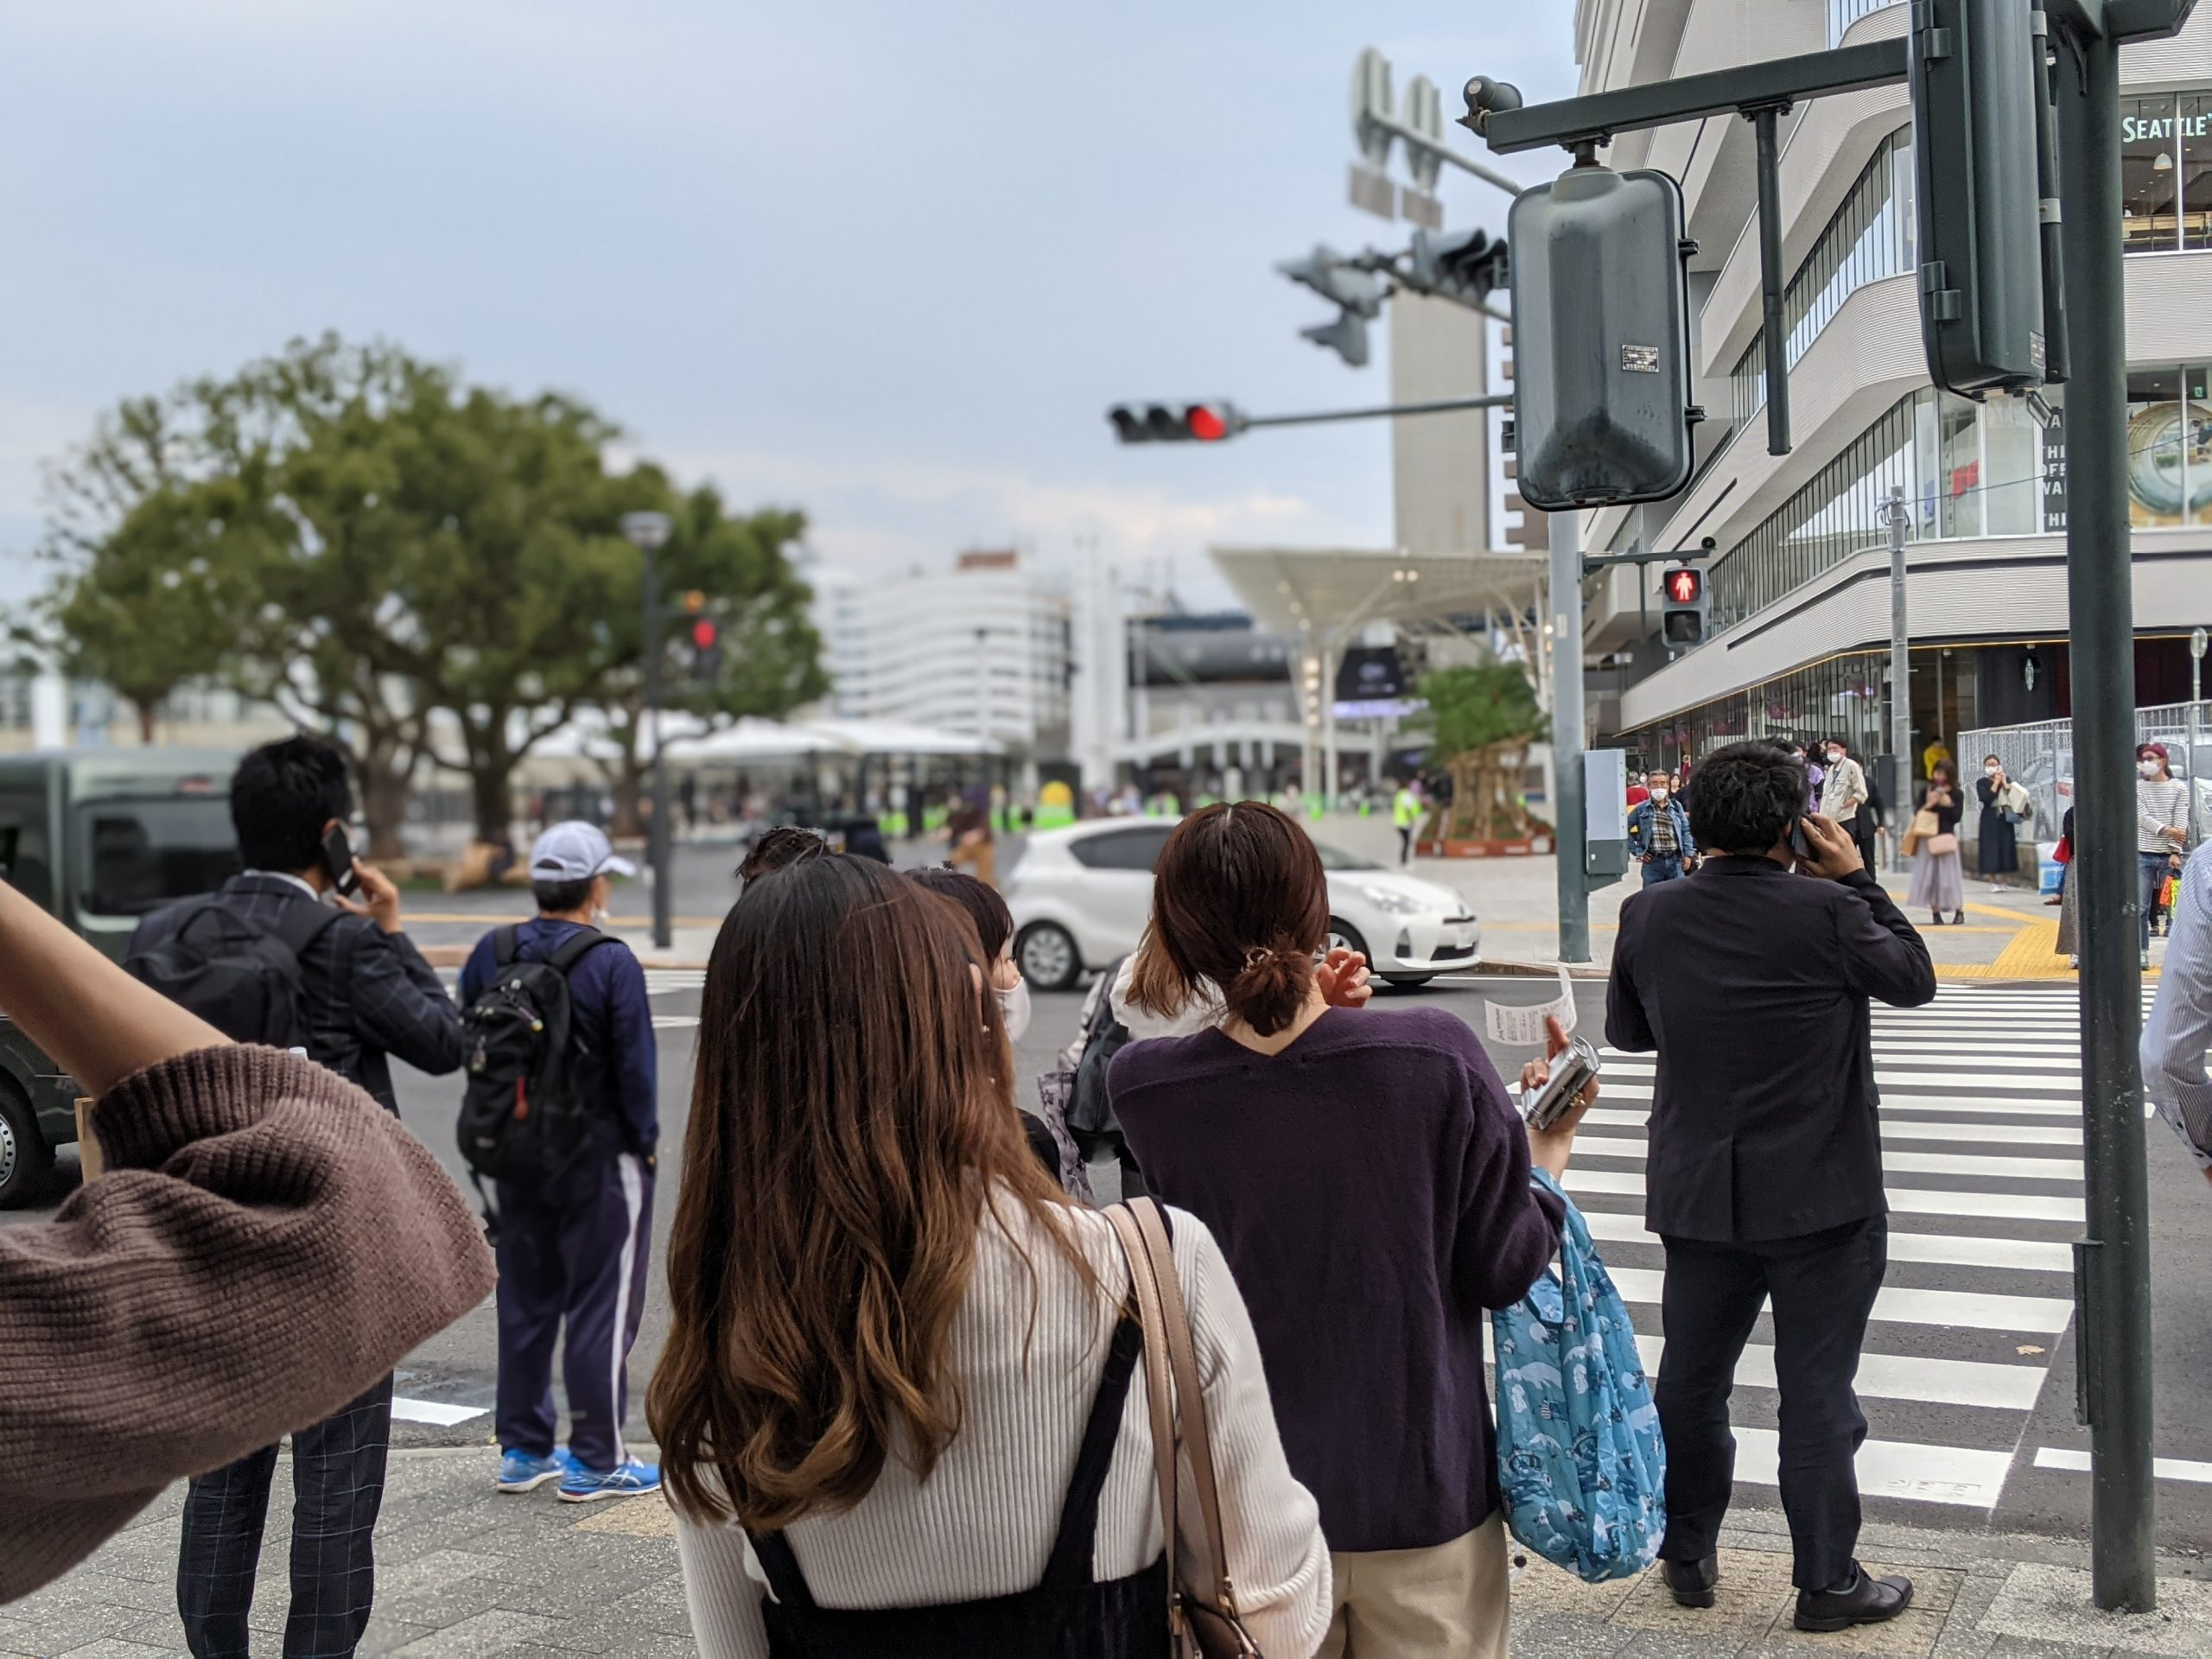 宮崎駅前の交差点に大勢の人